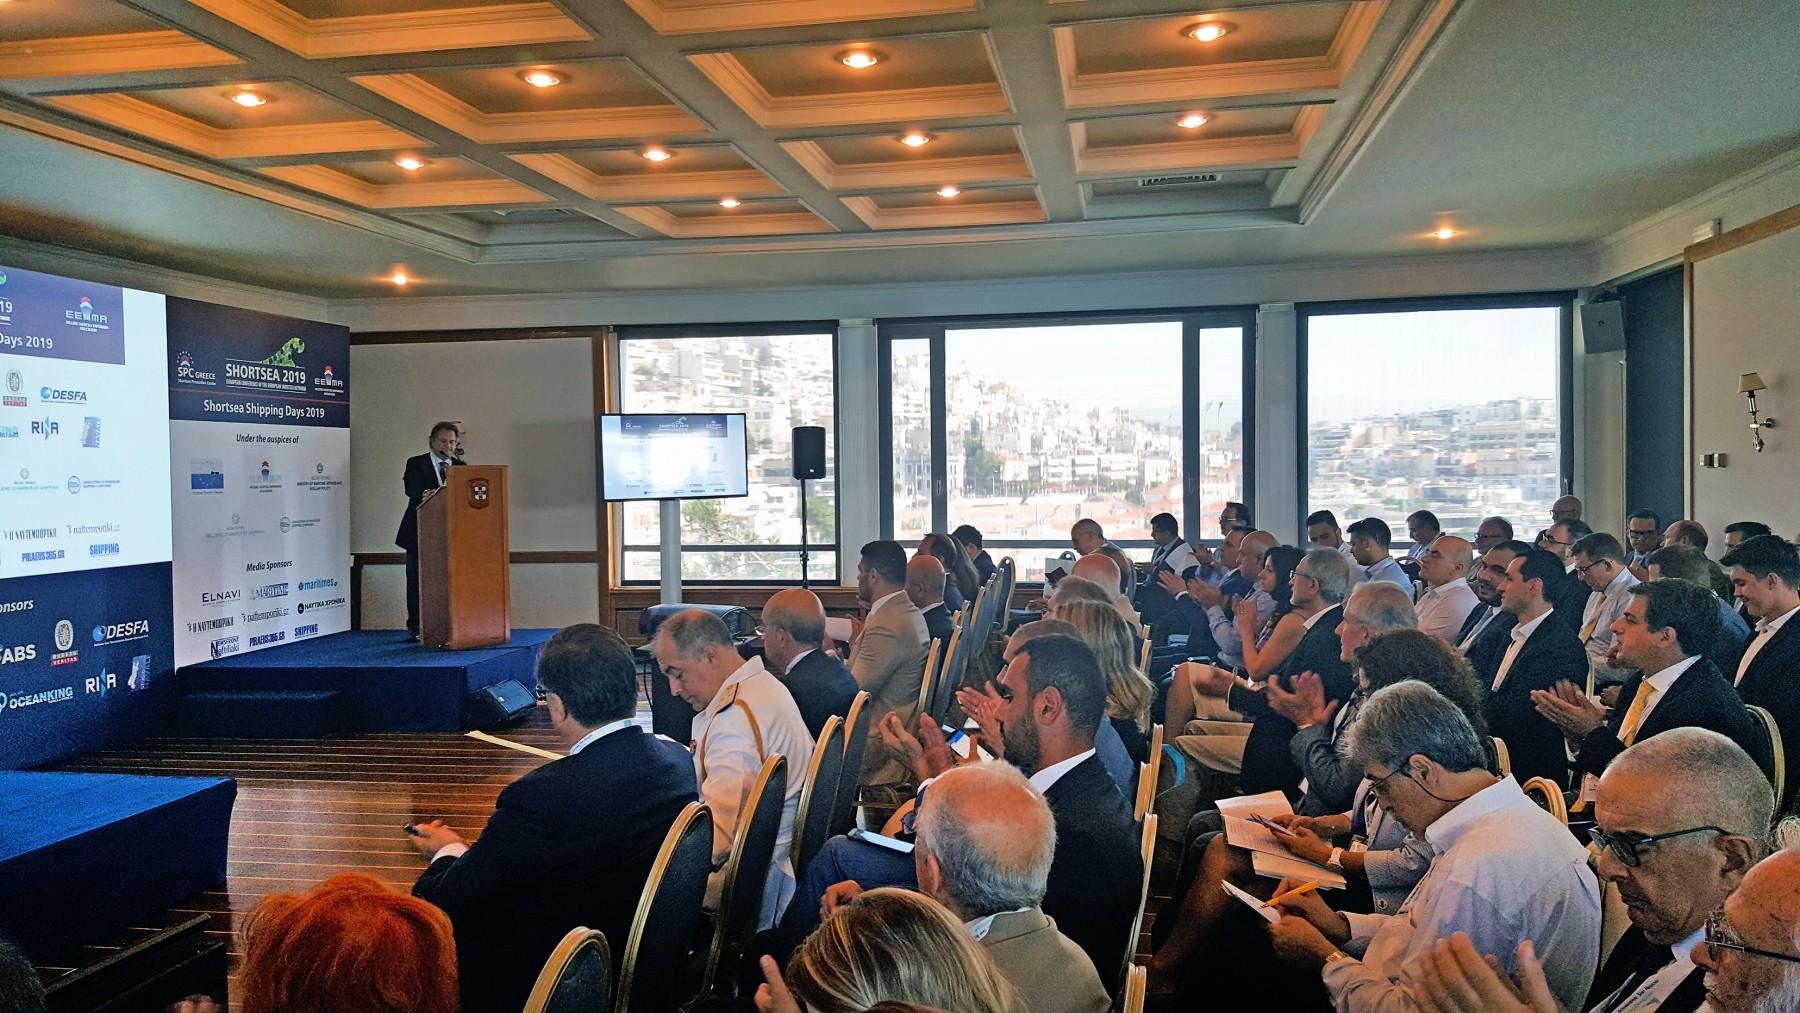 Ο κ. Χαράλαμπος Σημαντώνης, πρόεδρος της Ένωσης Εφοπλιστών Ναυτιλίας Μικρών Αποστάσεων.